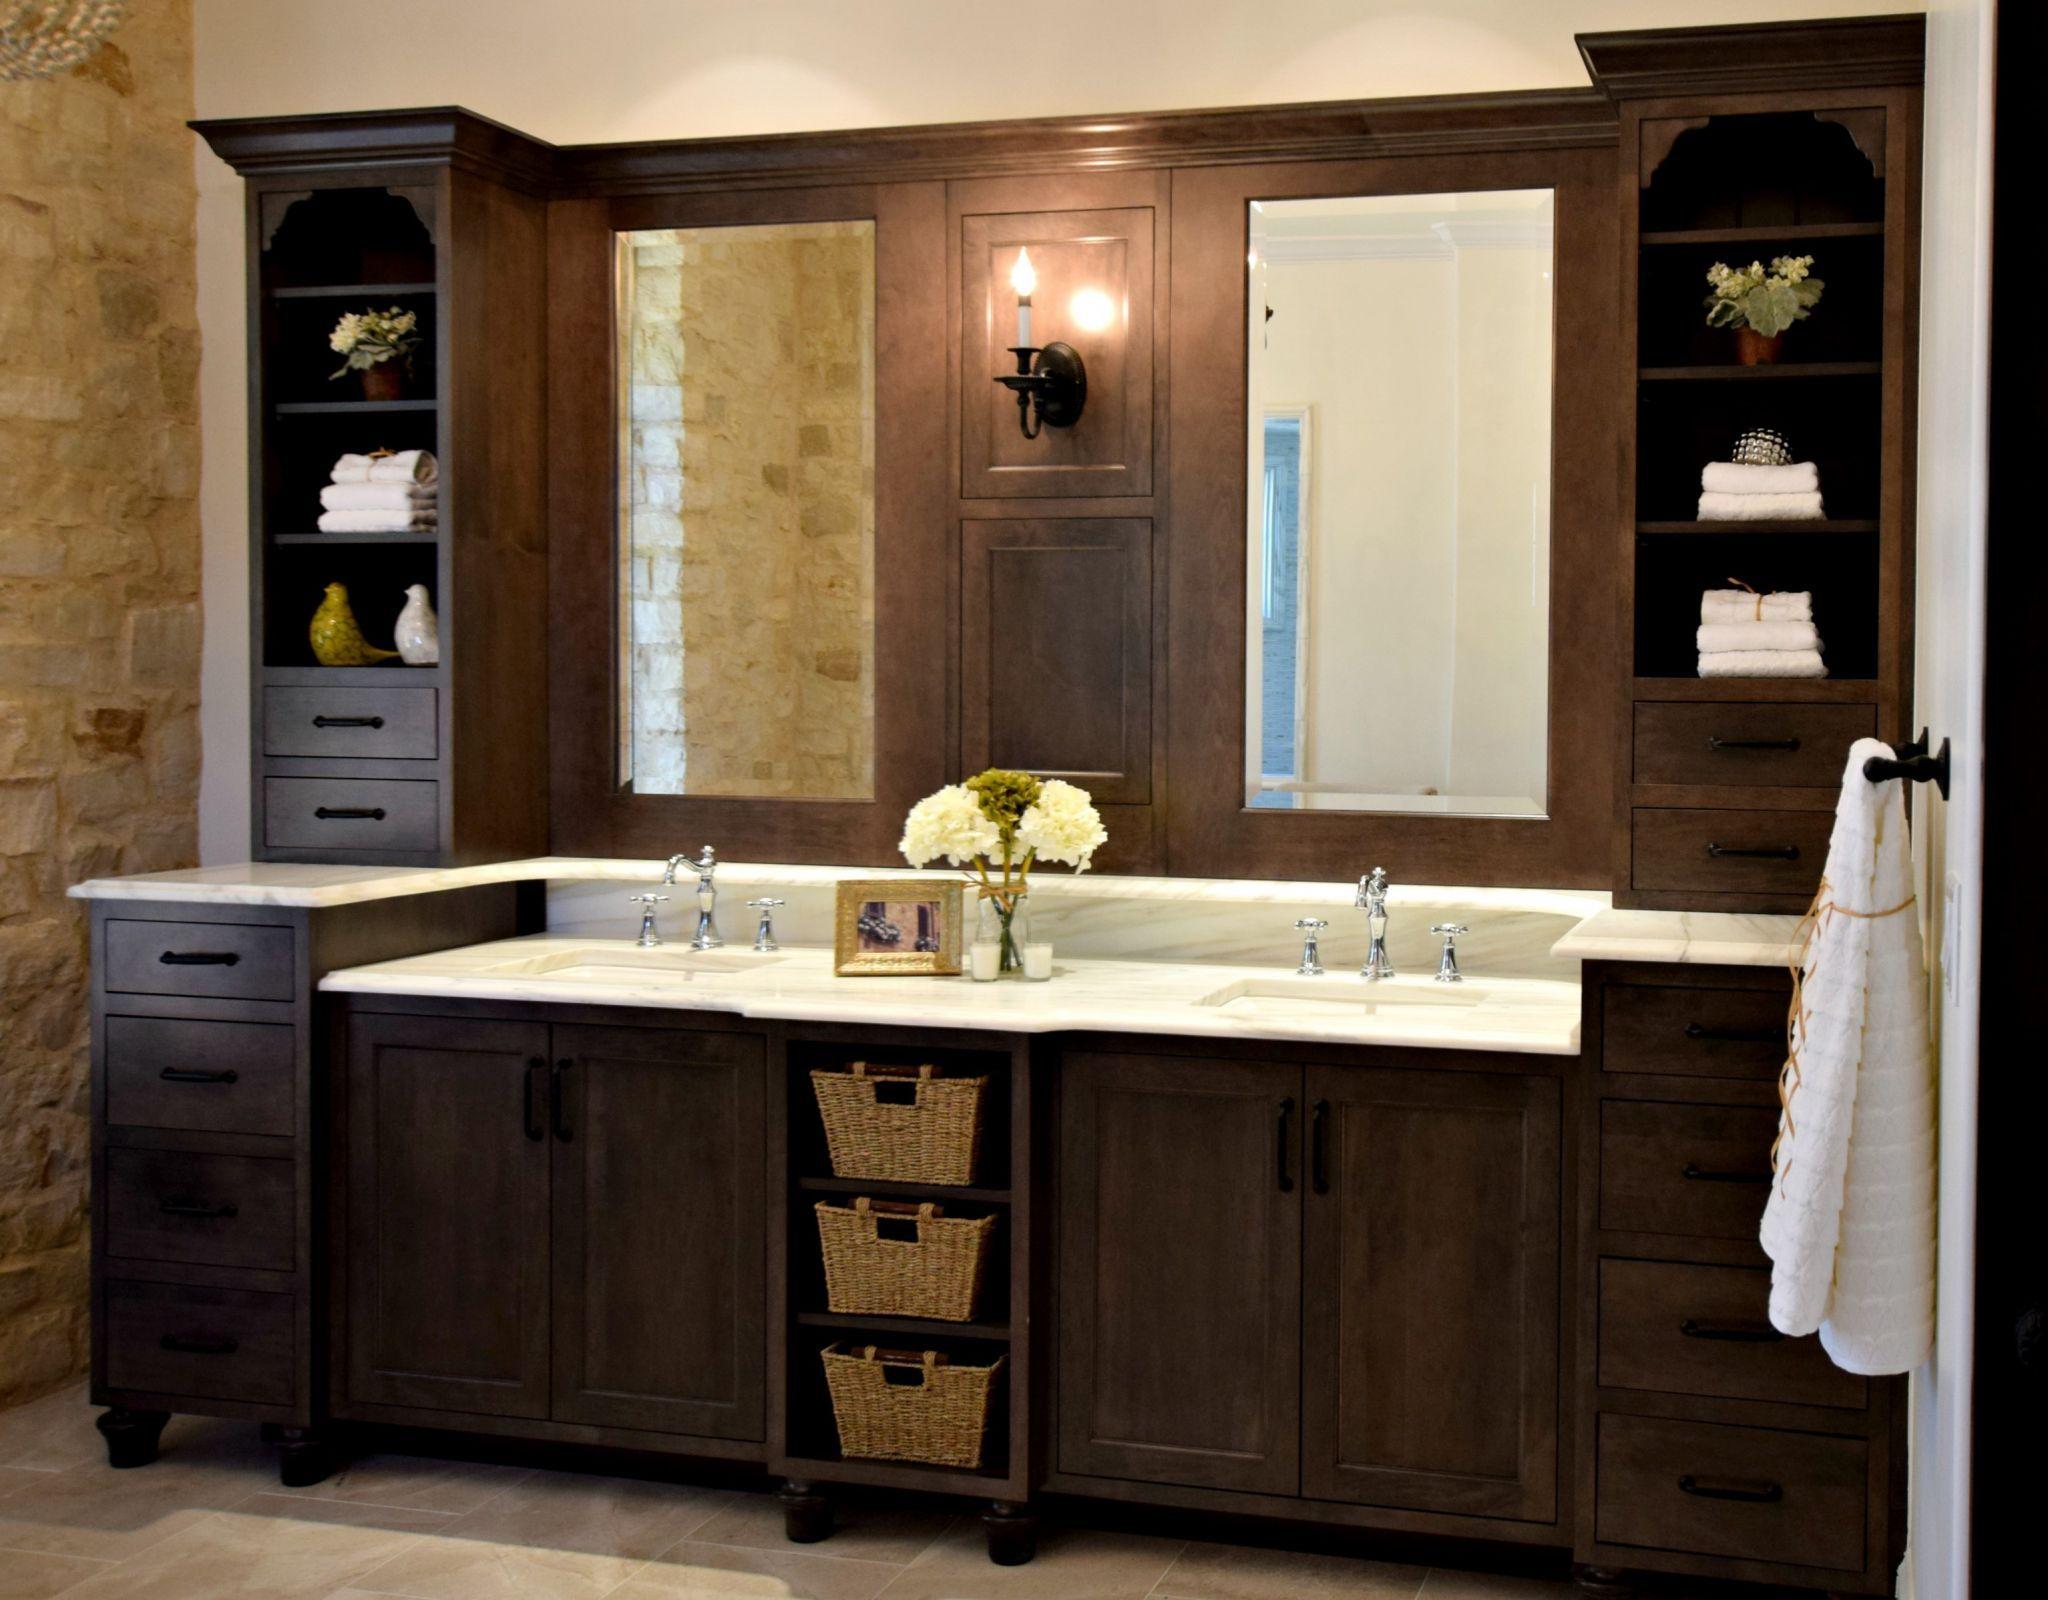 Baths Kitchen And Bath Bath Bathroom Cabinetry